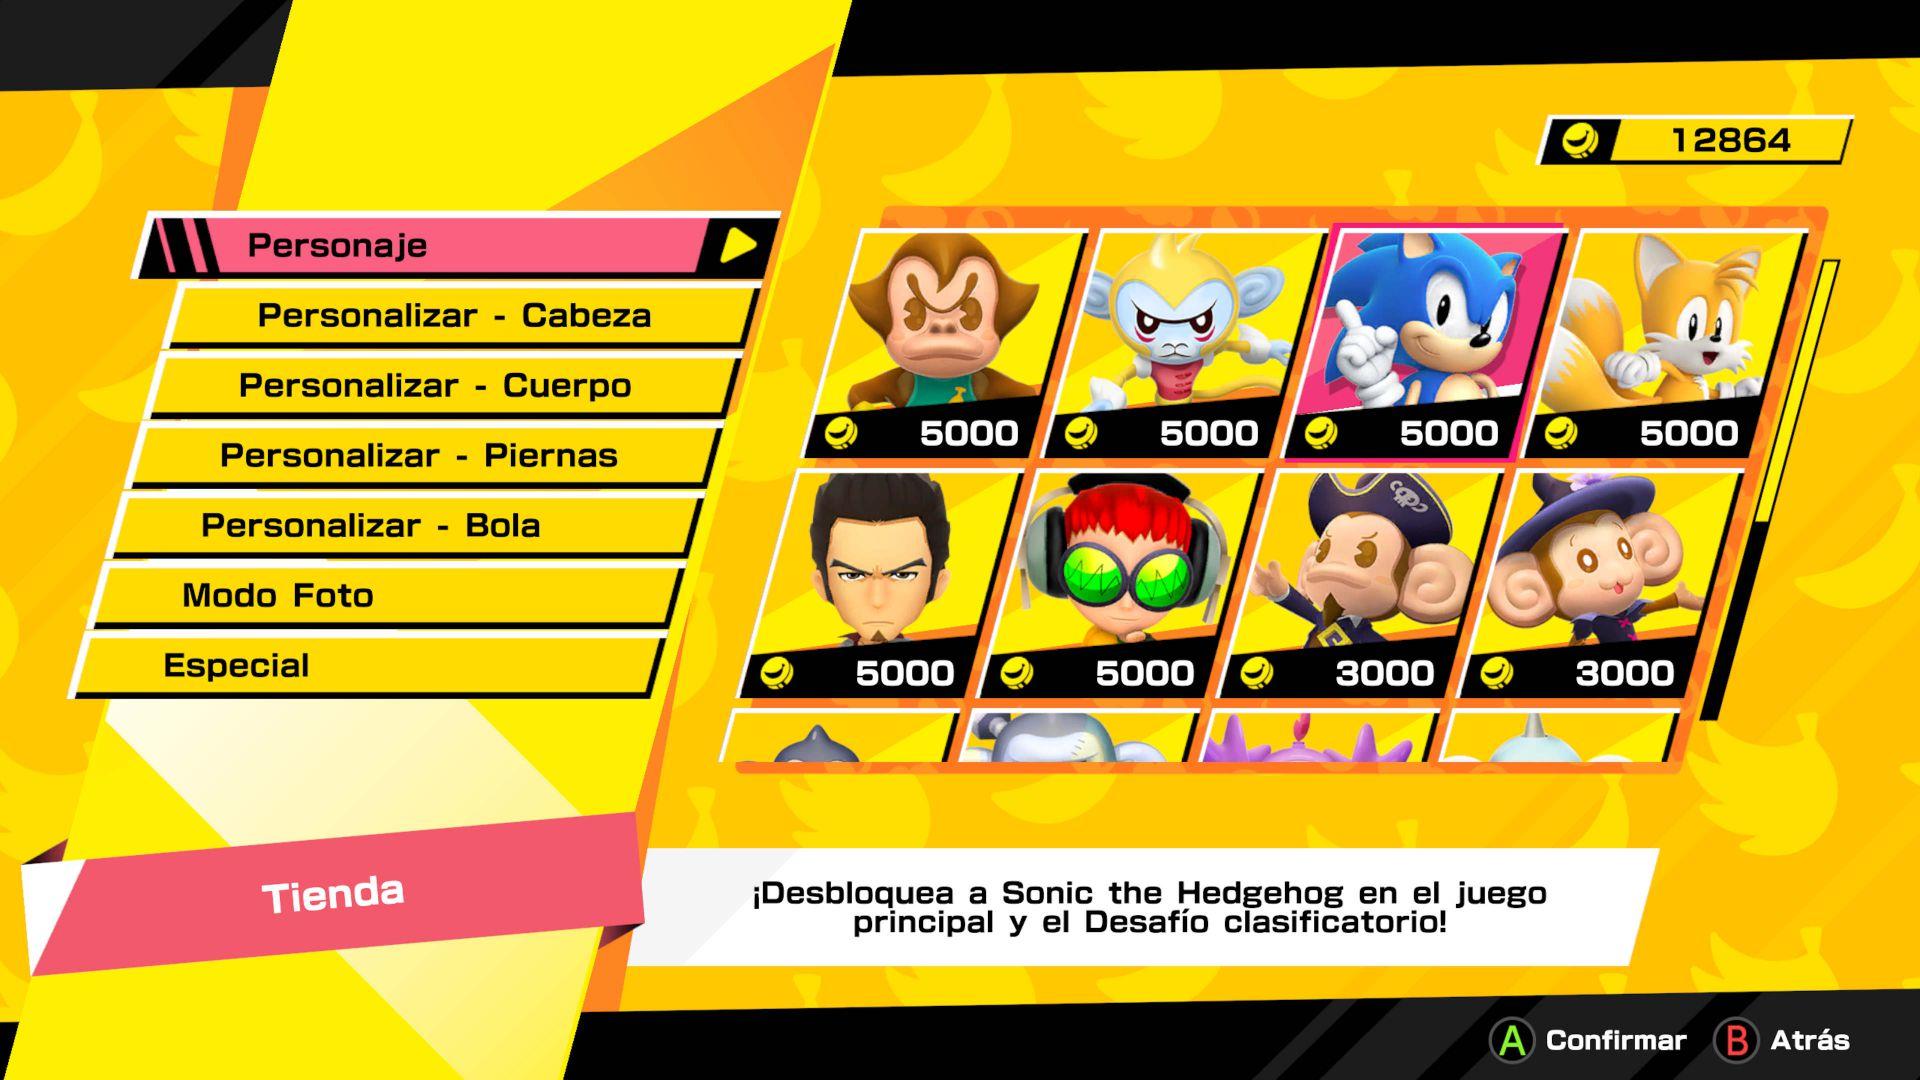 Análisis de Super Monkey Ball Banana Mania - Acción pura y dura directa de las recreativas: Super Monkey Ball Banana Mania es la recopilación ideal para fans consagrados y recién llegados a la franquicia.